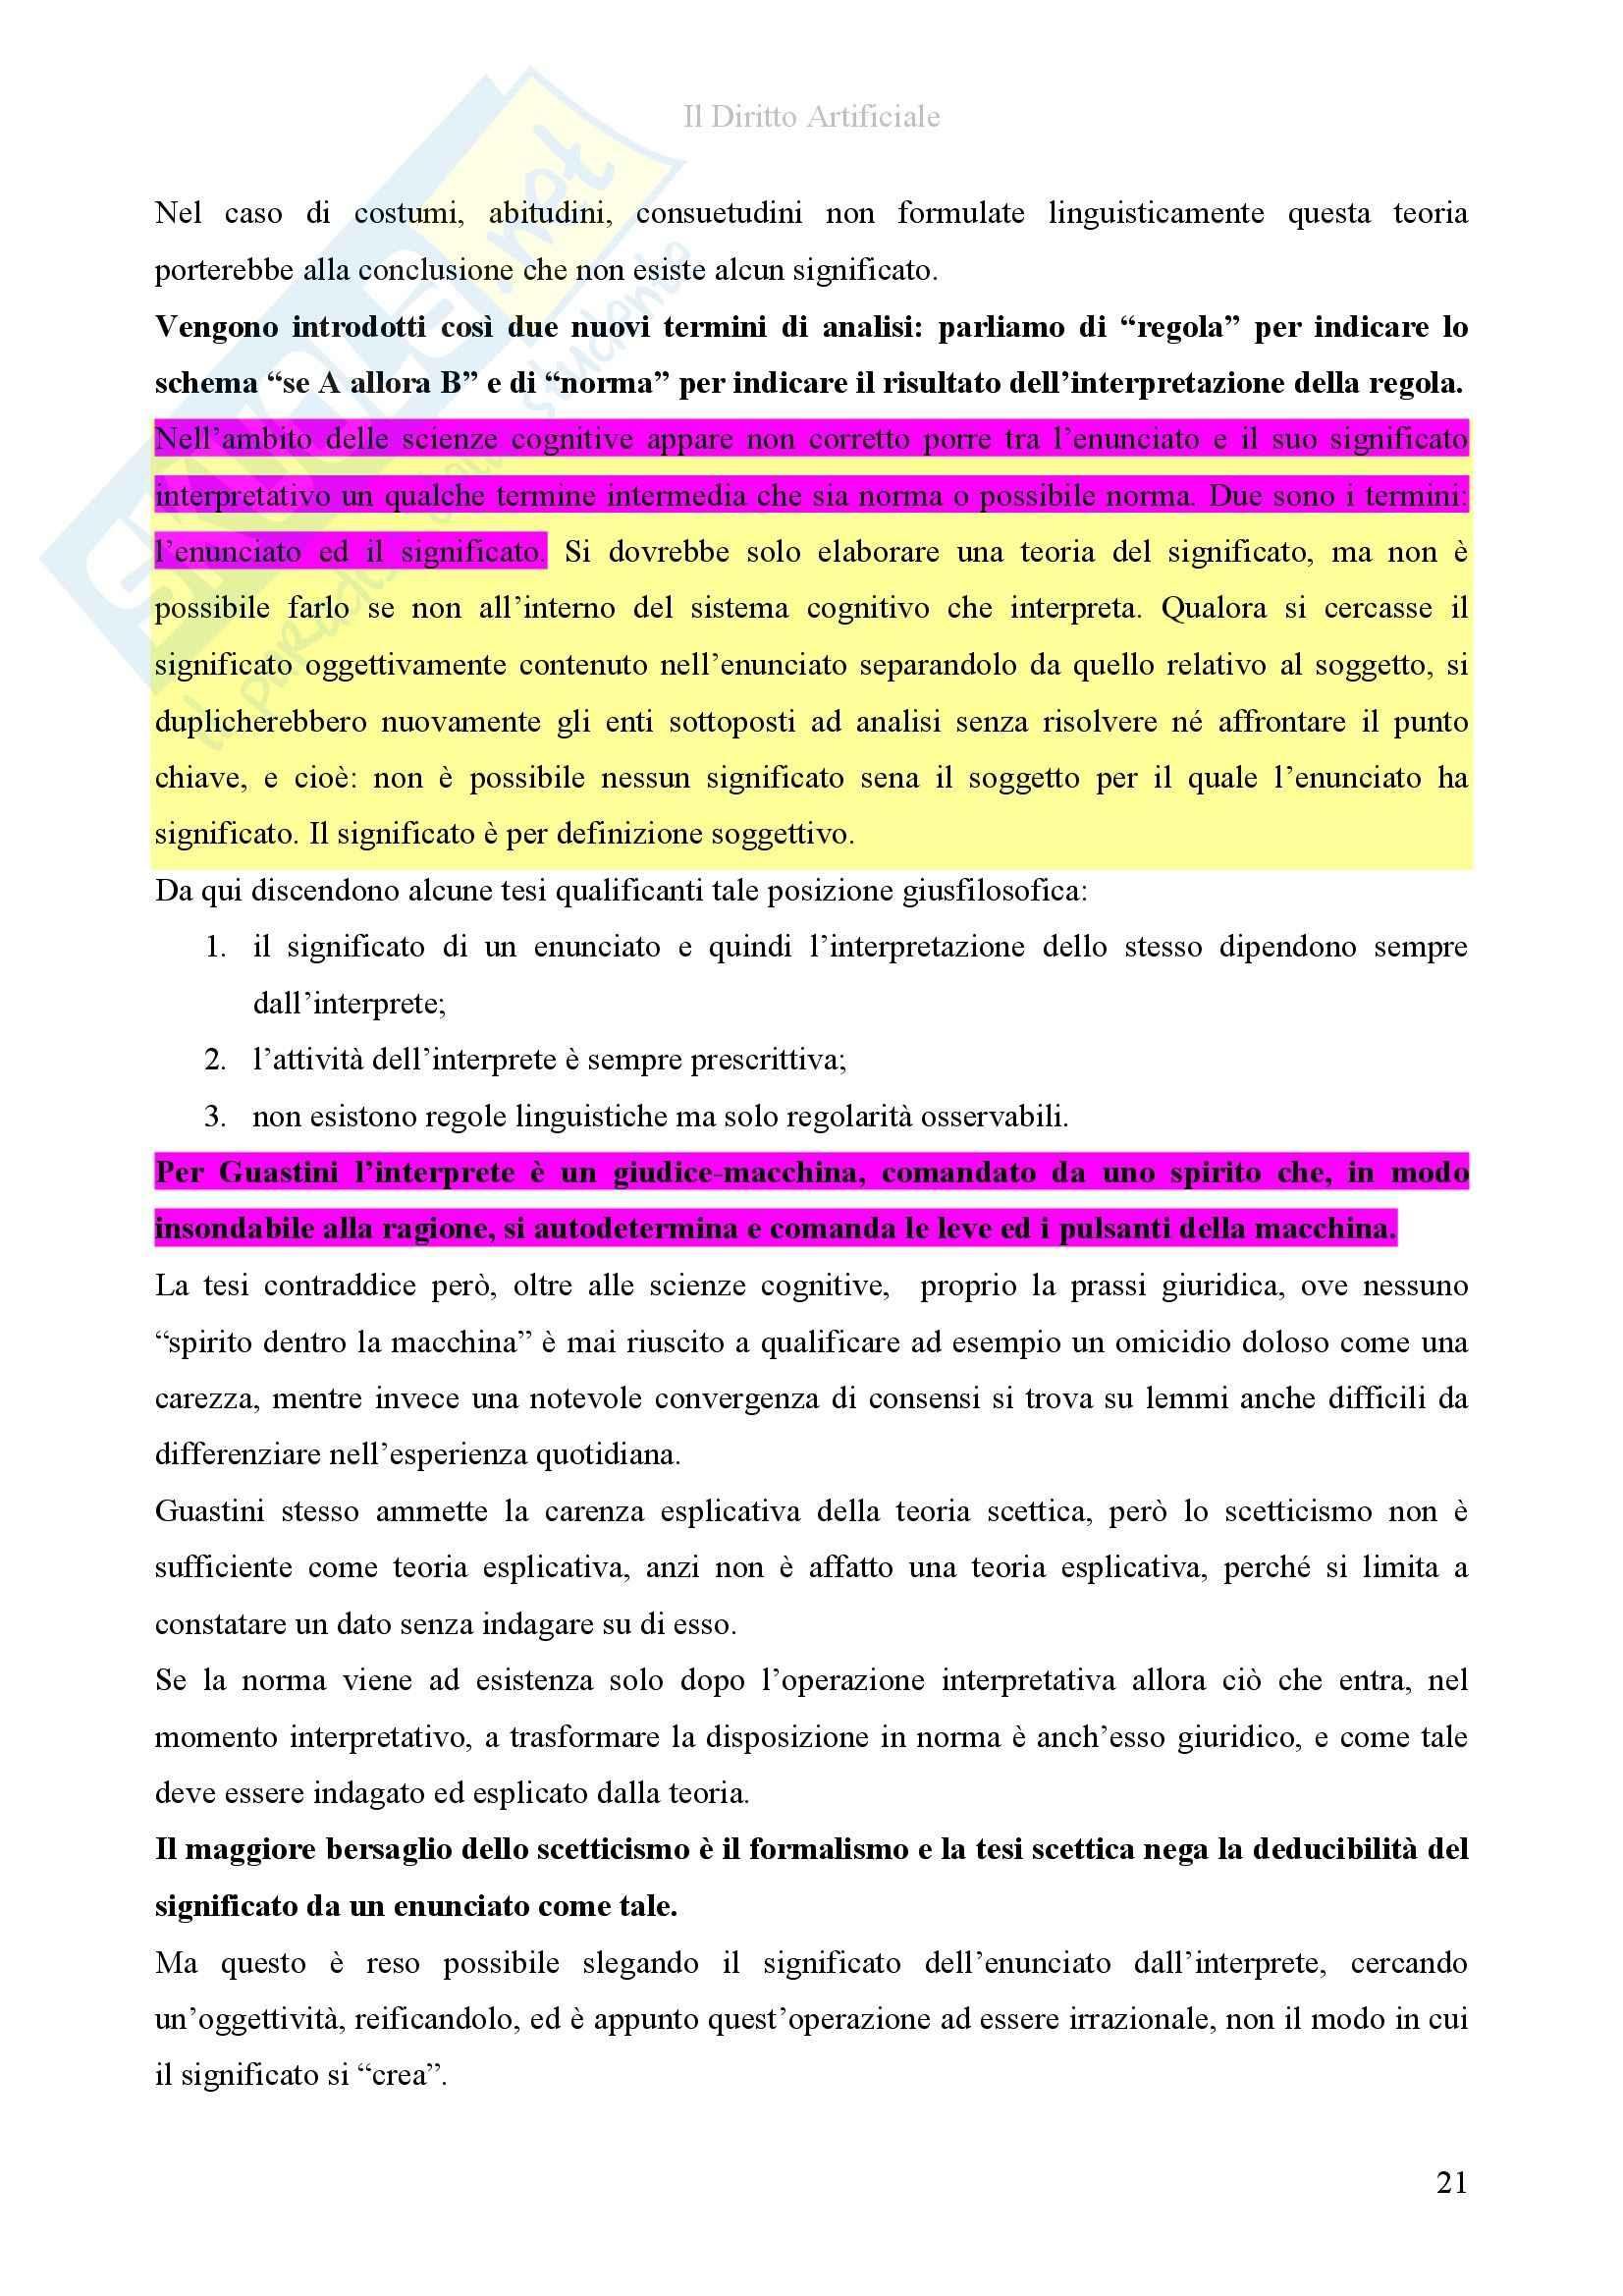 Riassunto esame diInformatica giuridica,, prof. Romeo, libro consigliato Il diritto artificiale, Romeo Pag. 21